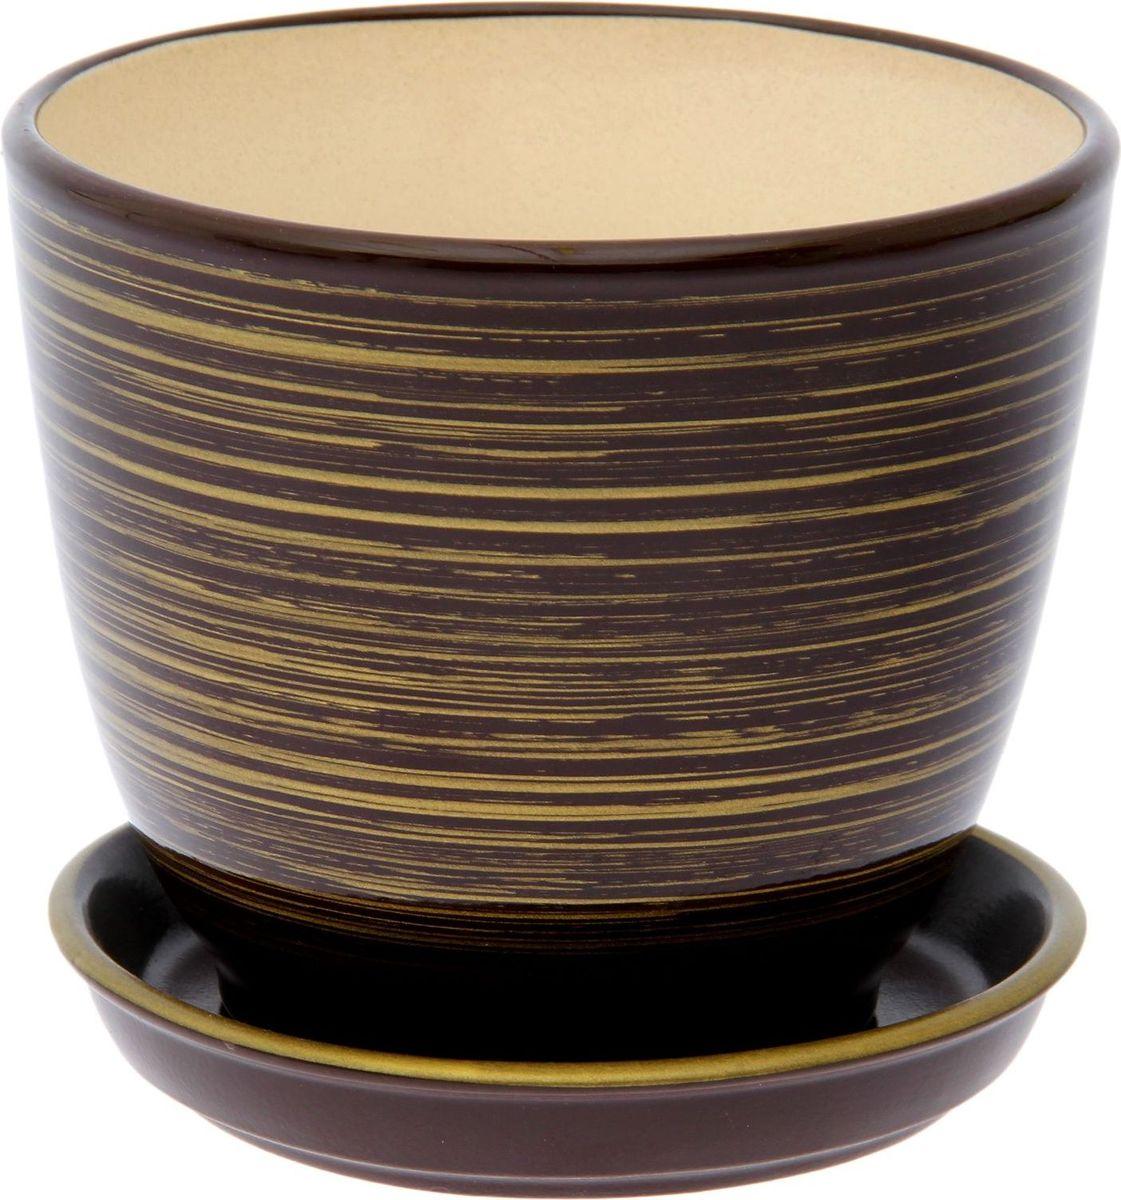 Кашпо Керамика ручной работы Кедр. Глянец, цвет: шоколадный, золотой, 1,6 л1489701Комнатные растения — всеобщие любимцы. Они радуют глаз, насыщают помещение кислородом и украшают пространство. Каждому из них необходим свой удобный и красивый дом. Кашпо из керамики прекрасно подходят для высадки растений: за счёт пластичности глины и разных способов обработки существует великое множество форм и дизайновпористый материал позволяет испаряться лишней влагевоздух, необходимый для дыхания корней, проникает сквозь керамические стенки! #name# позаботится о зелёном питомце, освежит интерьер и подчеркнёт его стиль.